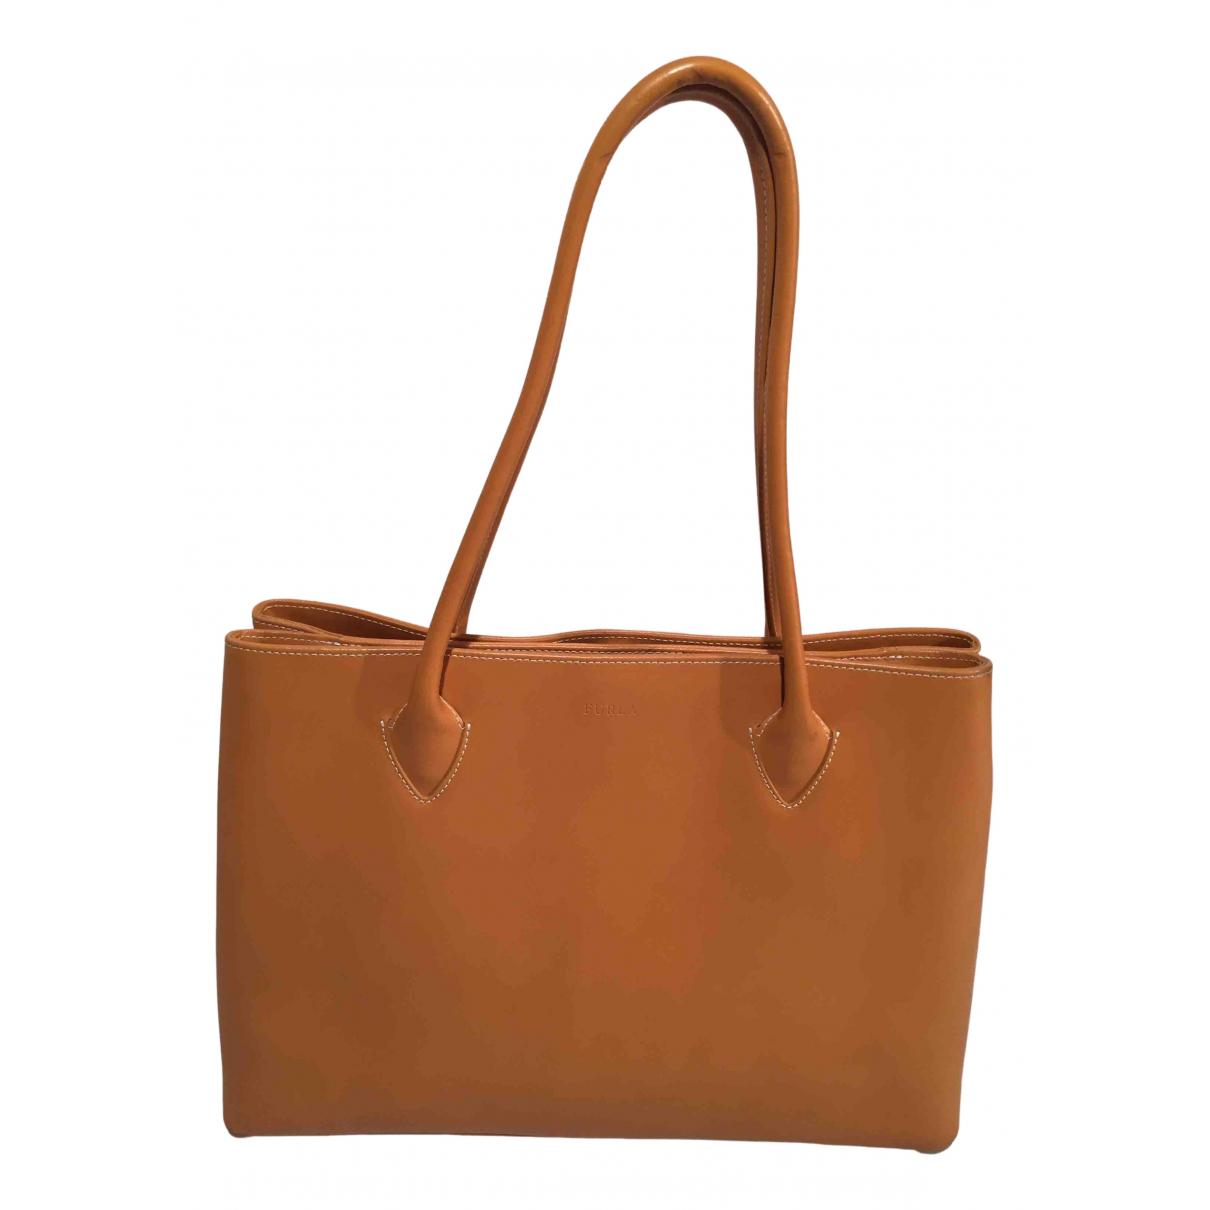 Furla \N Handtasche in  Beige Leder